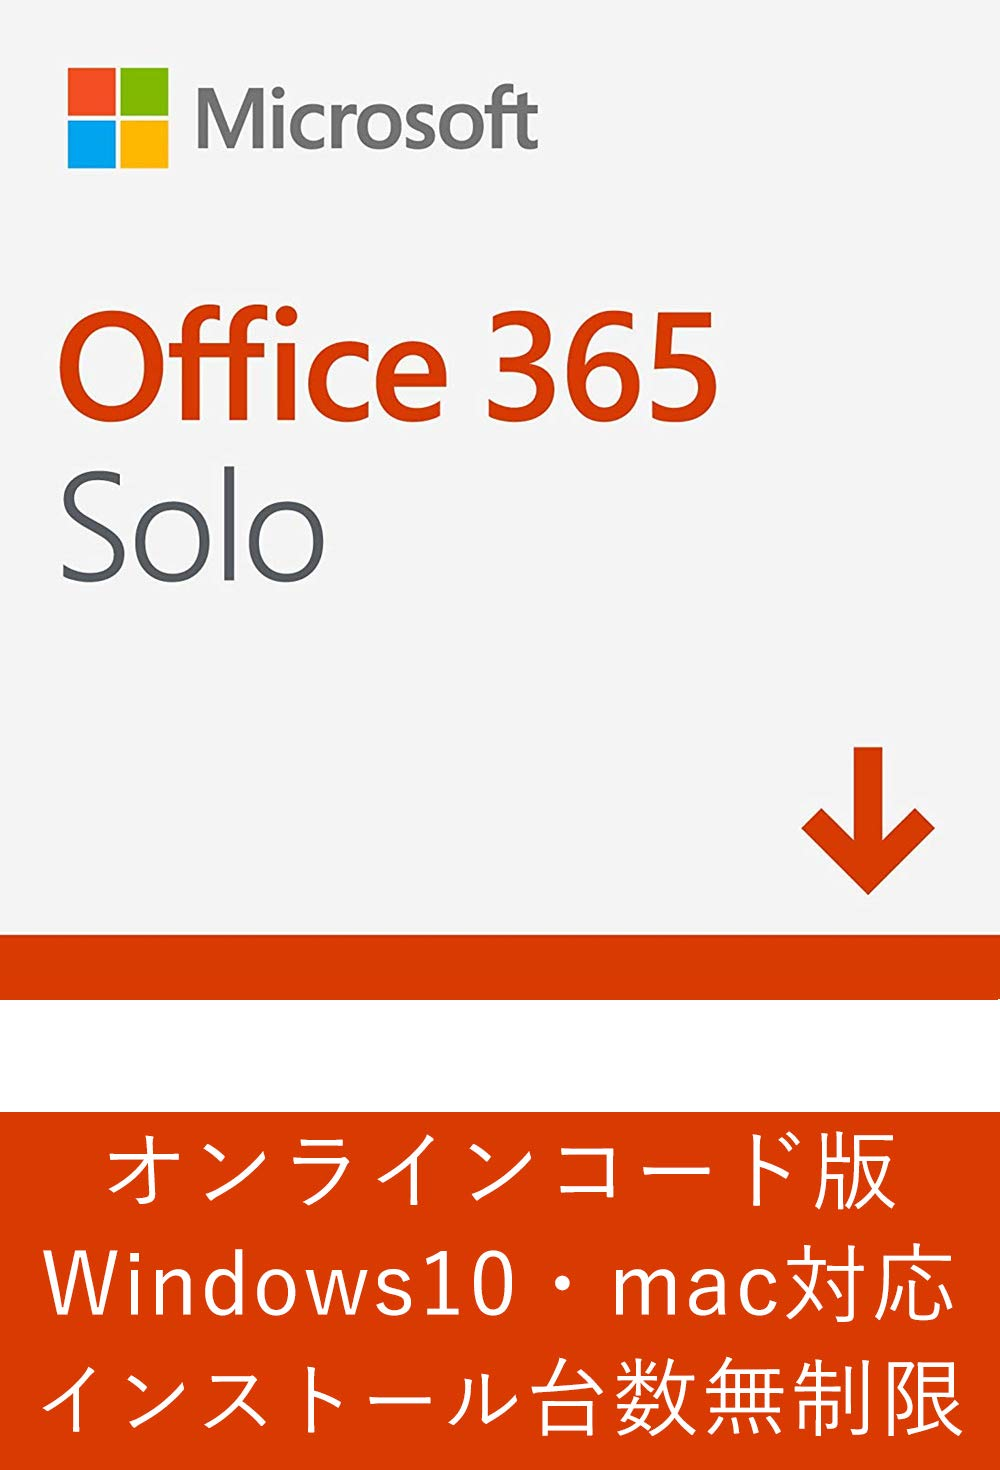 アマゾンでMicrosoft Office 365 Soloが10%OFF&3000円キャッシュバック。